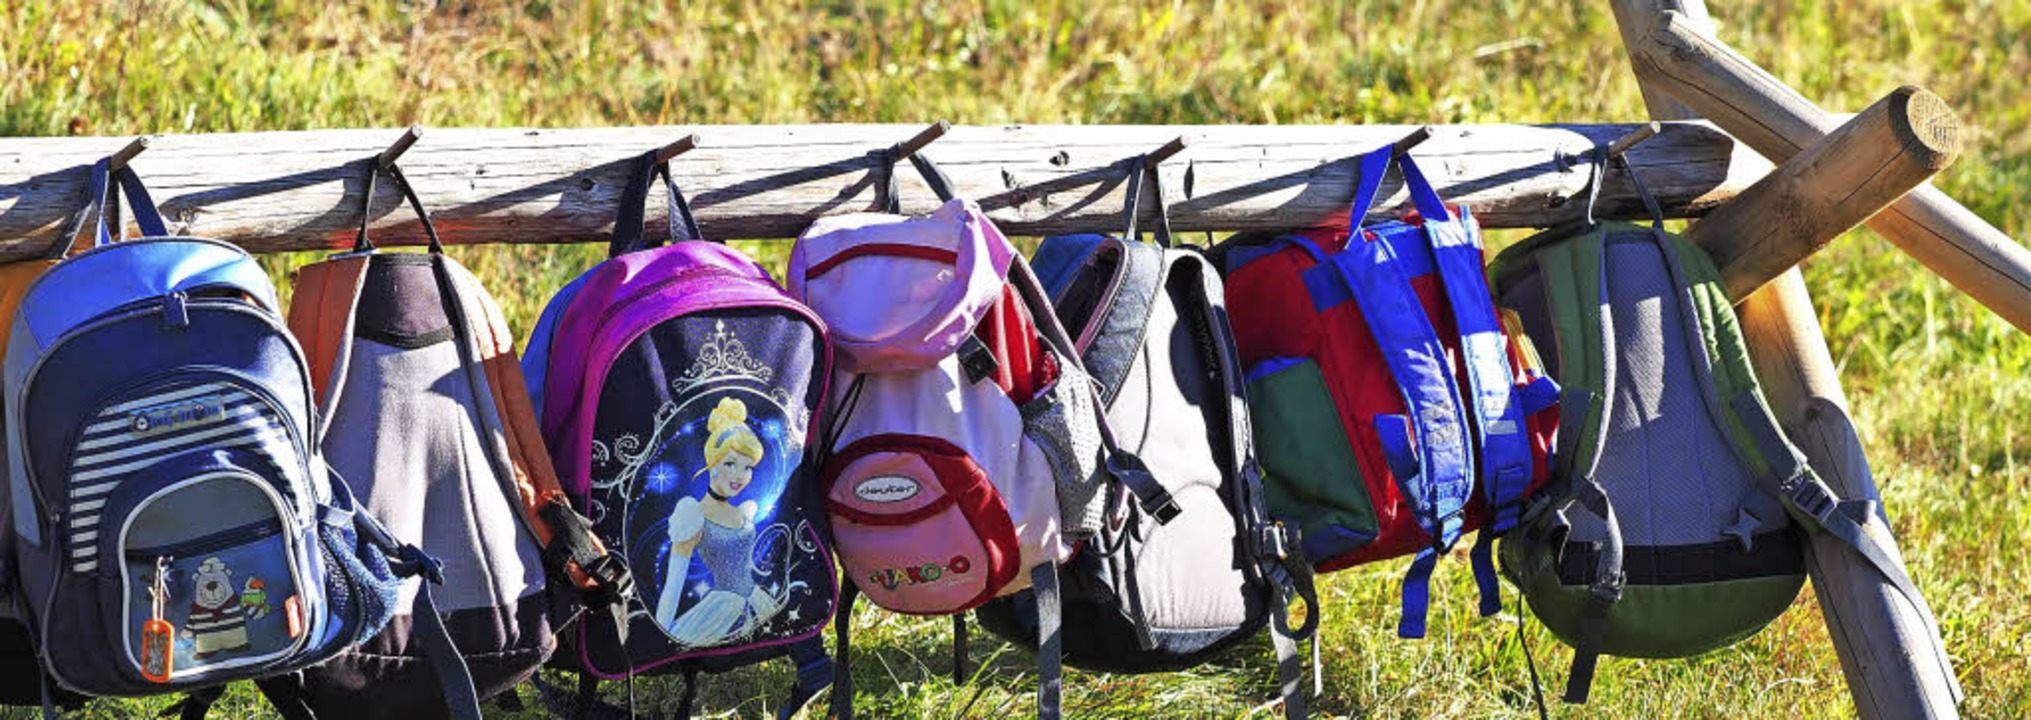 An der Baumstammgarderobe bewegen sich die bunten Rucksäcke der Kinder im Wind.   | Foto: Susanne Gilg